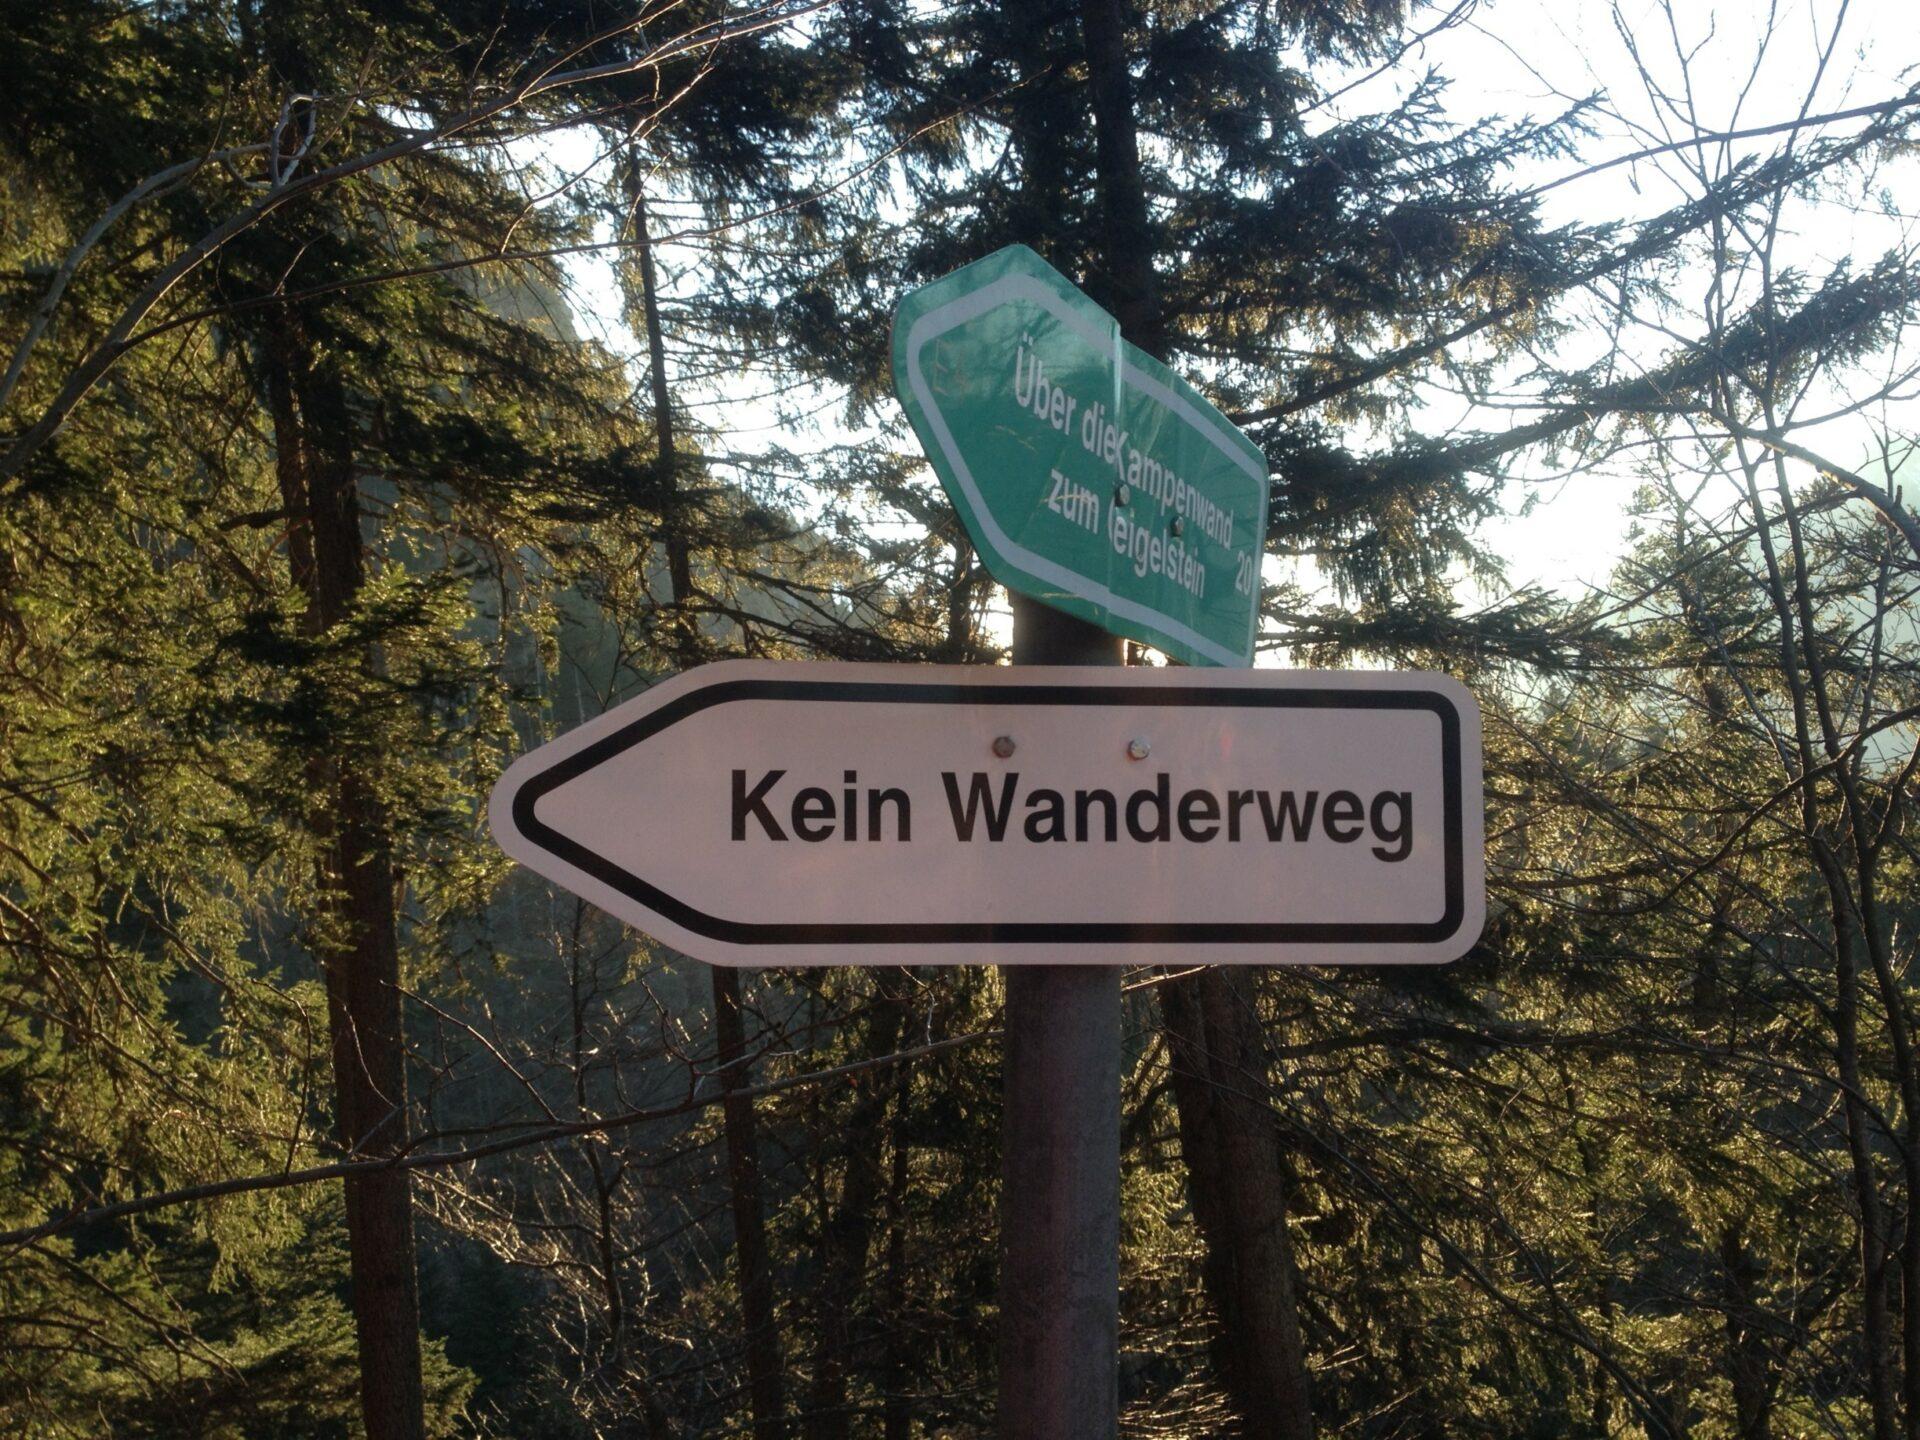 Kein Wanderweg - oder doch?